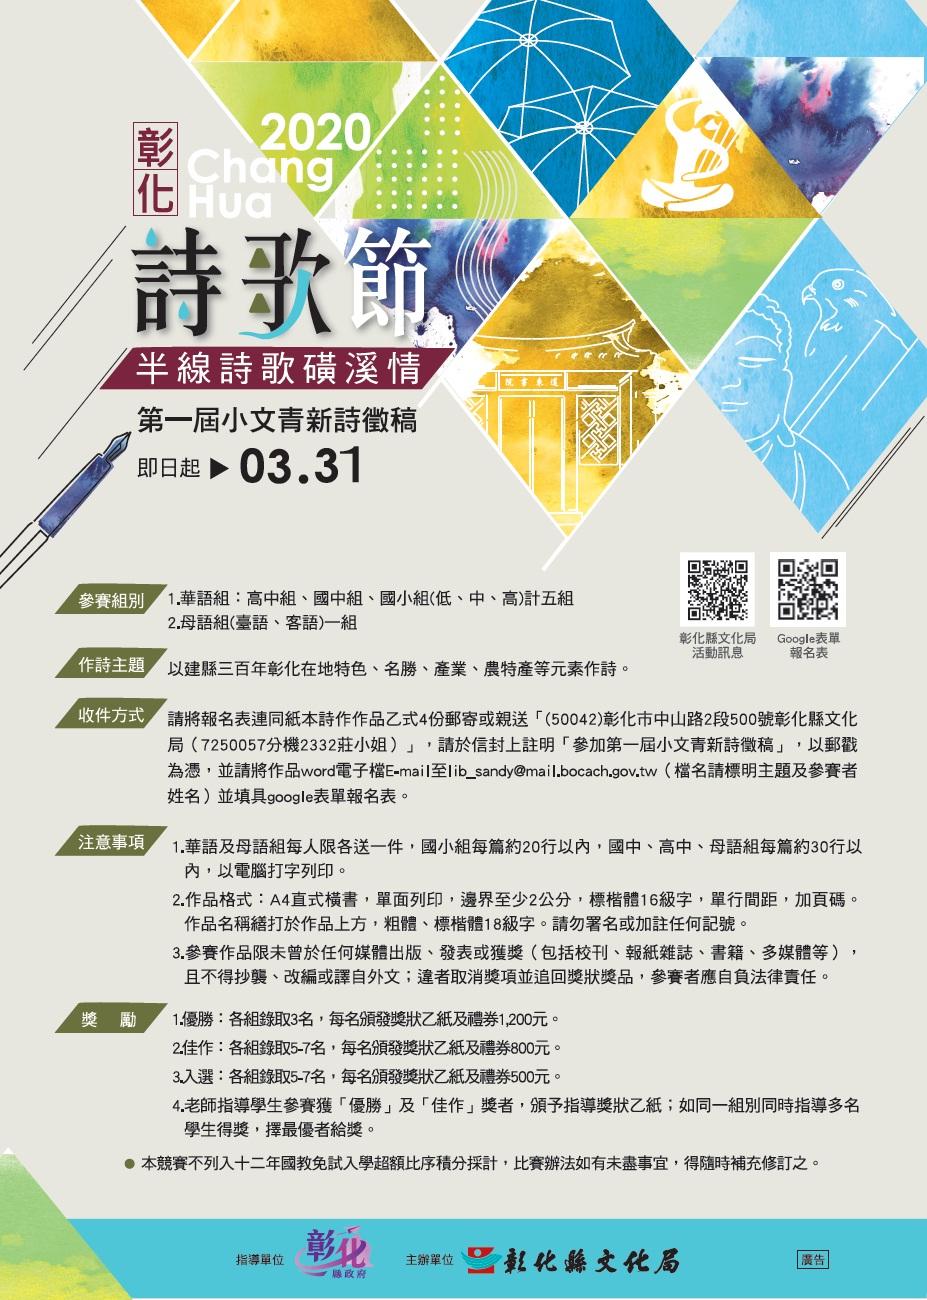 2020彰化詩歌節~第一屆小文青新詩徵稿~ 開始徵件!(收件時間展延至3月31日)